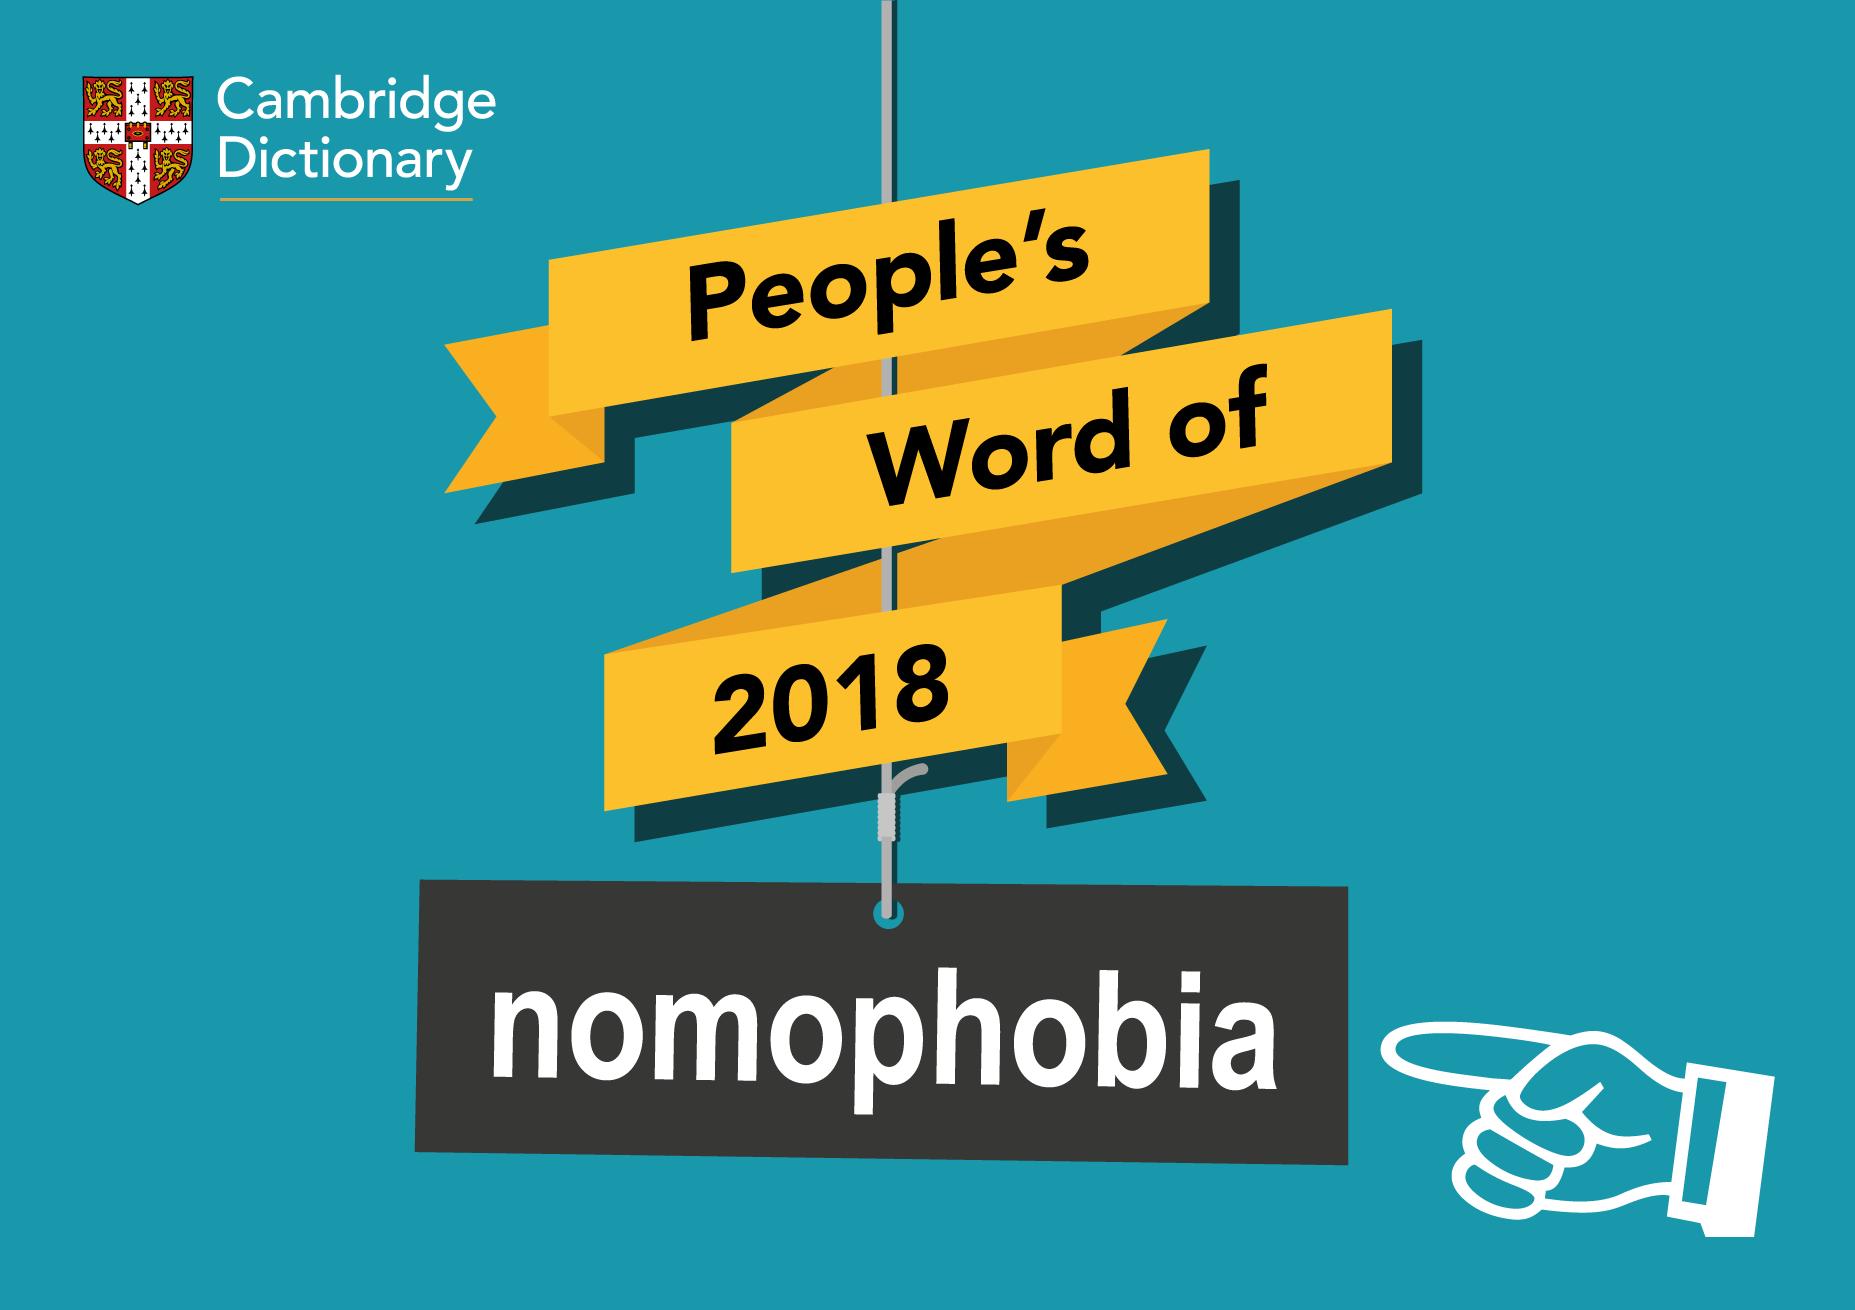 Từ của năm 2018 của Từ điển Cambridge: NOMOPHOBIA